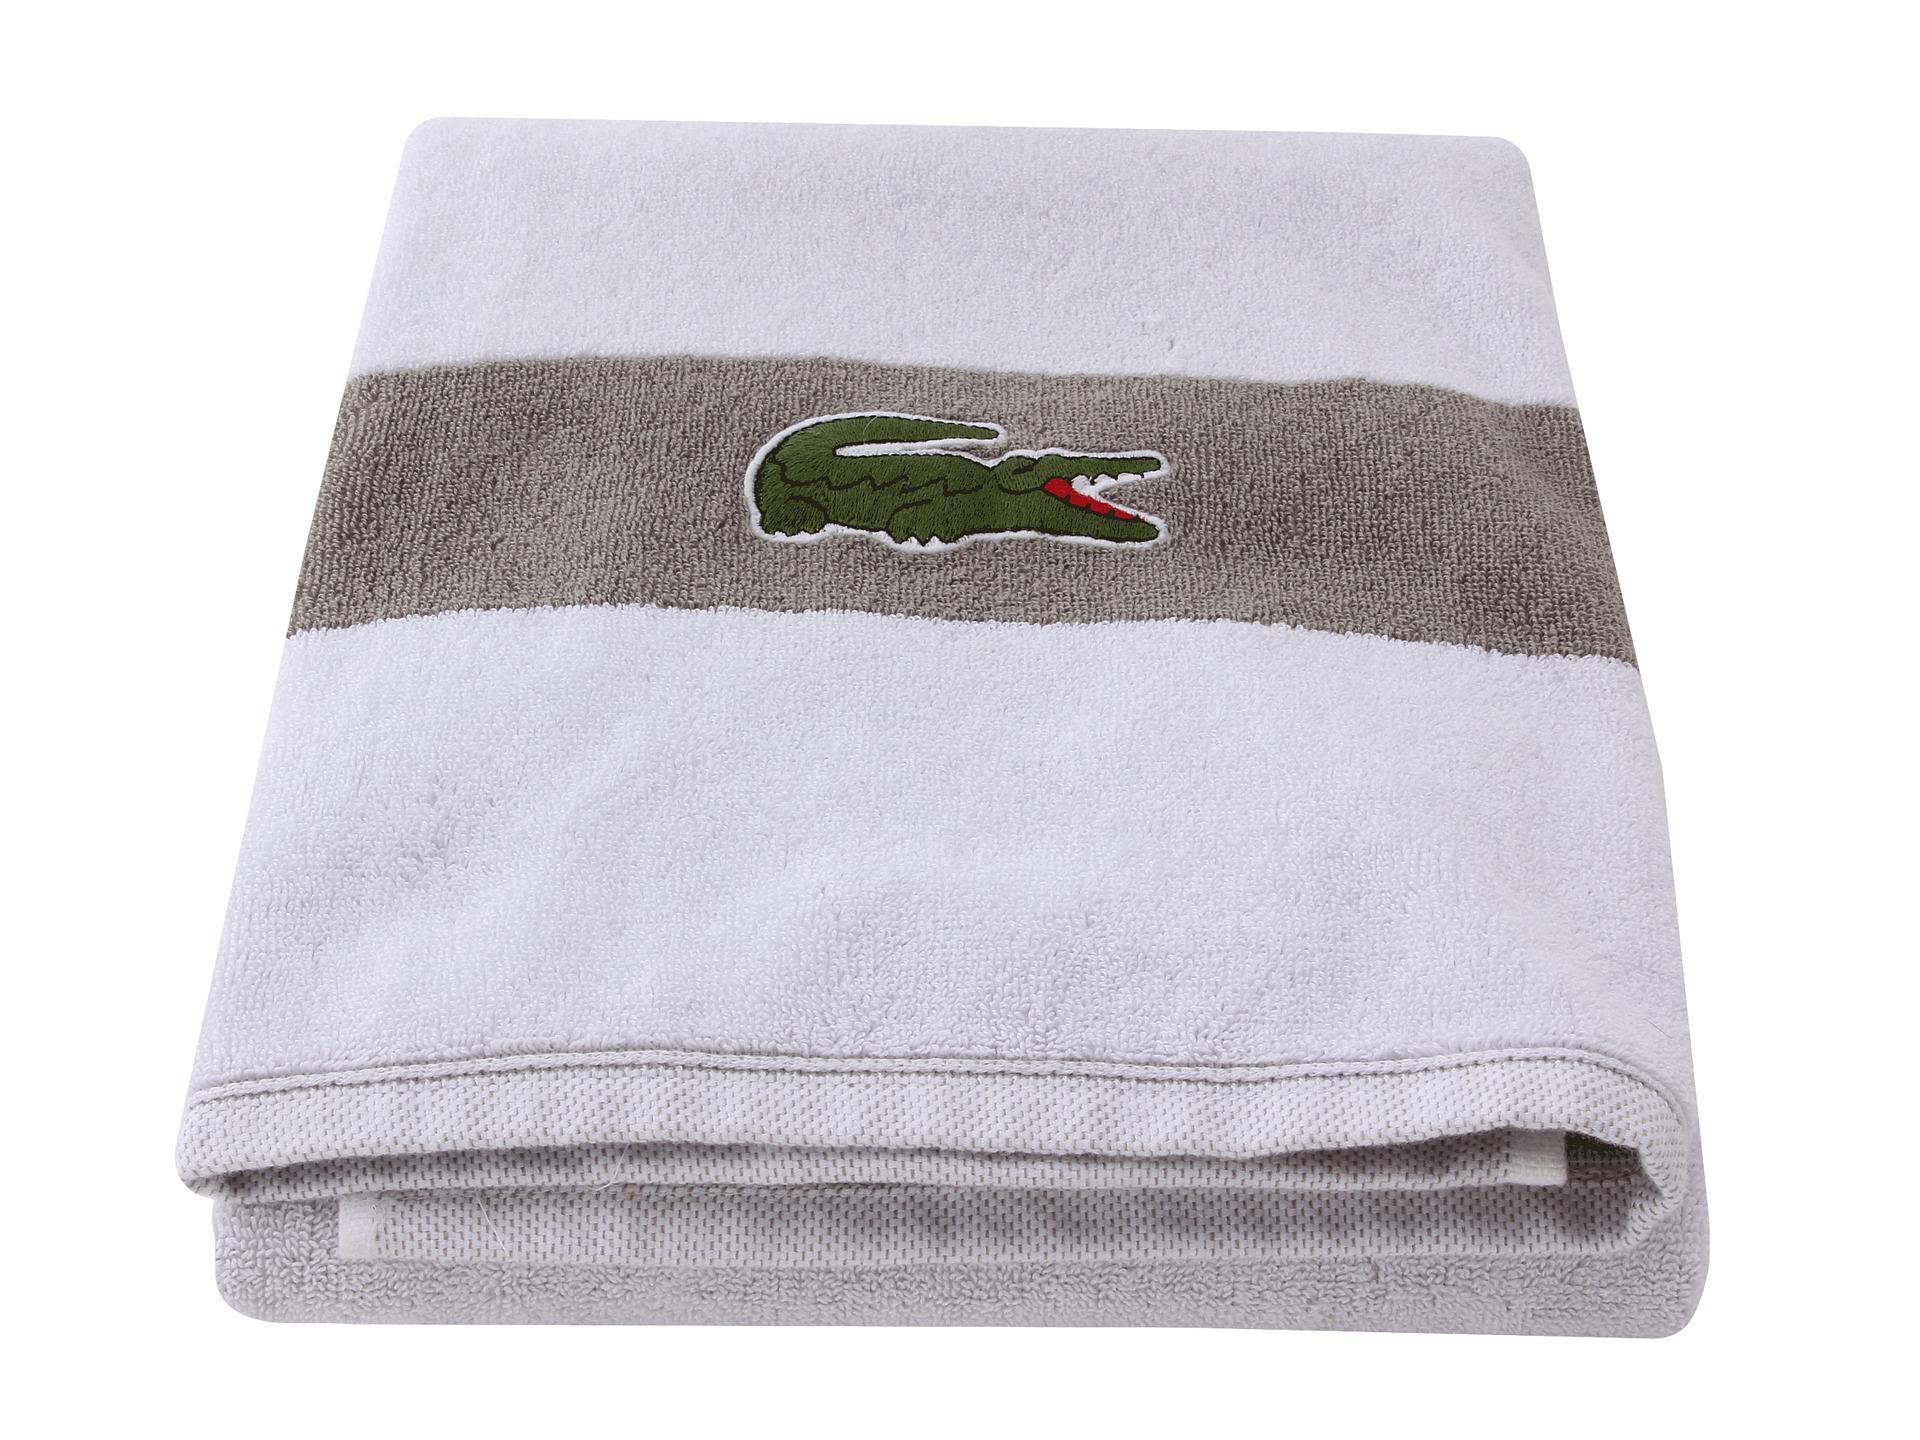 Lacoste Bathroom Accessories Lacoste Logo Bath Towel